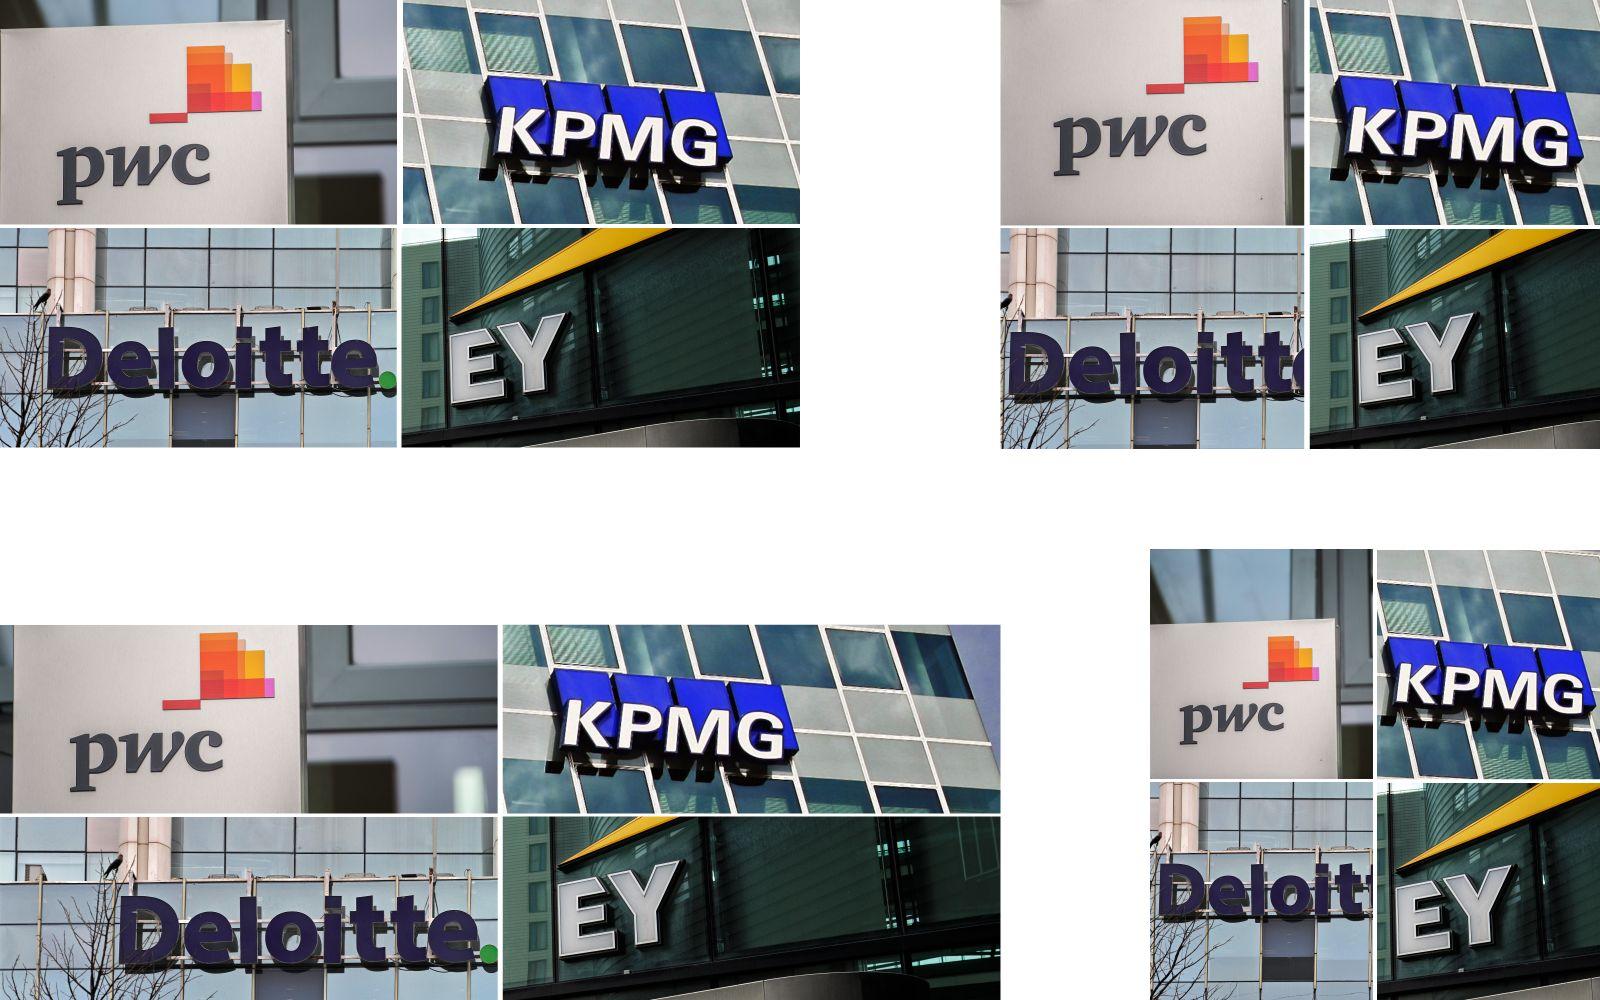 KOMBO Big 4 Berater / pwc, KPMG, Deloitte, EY